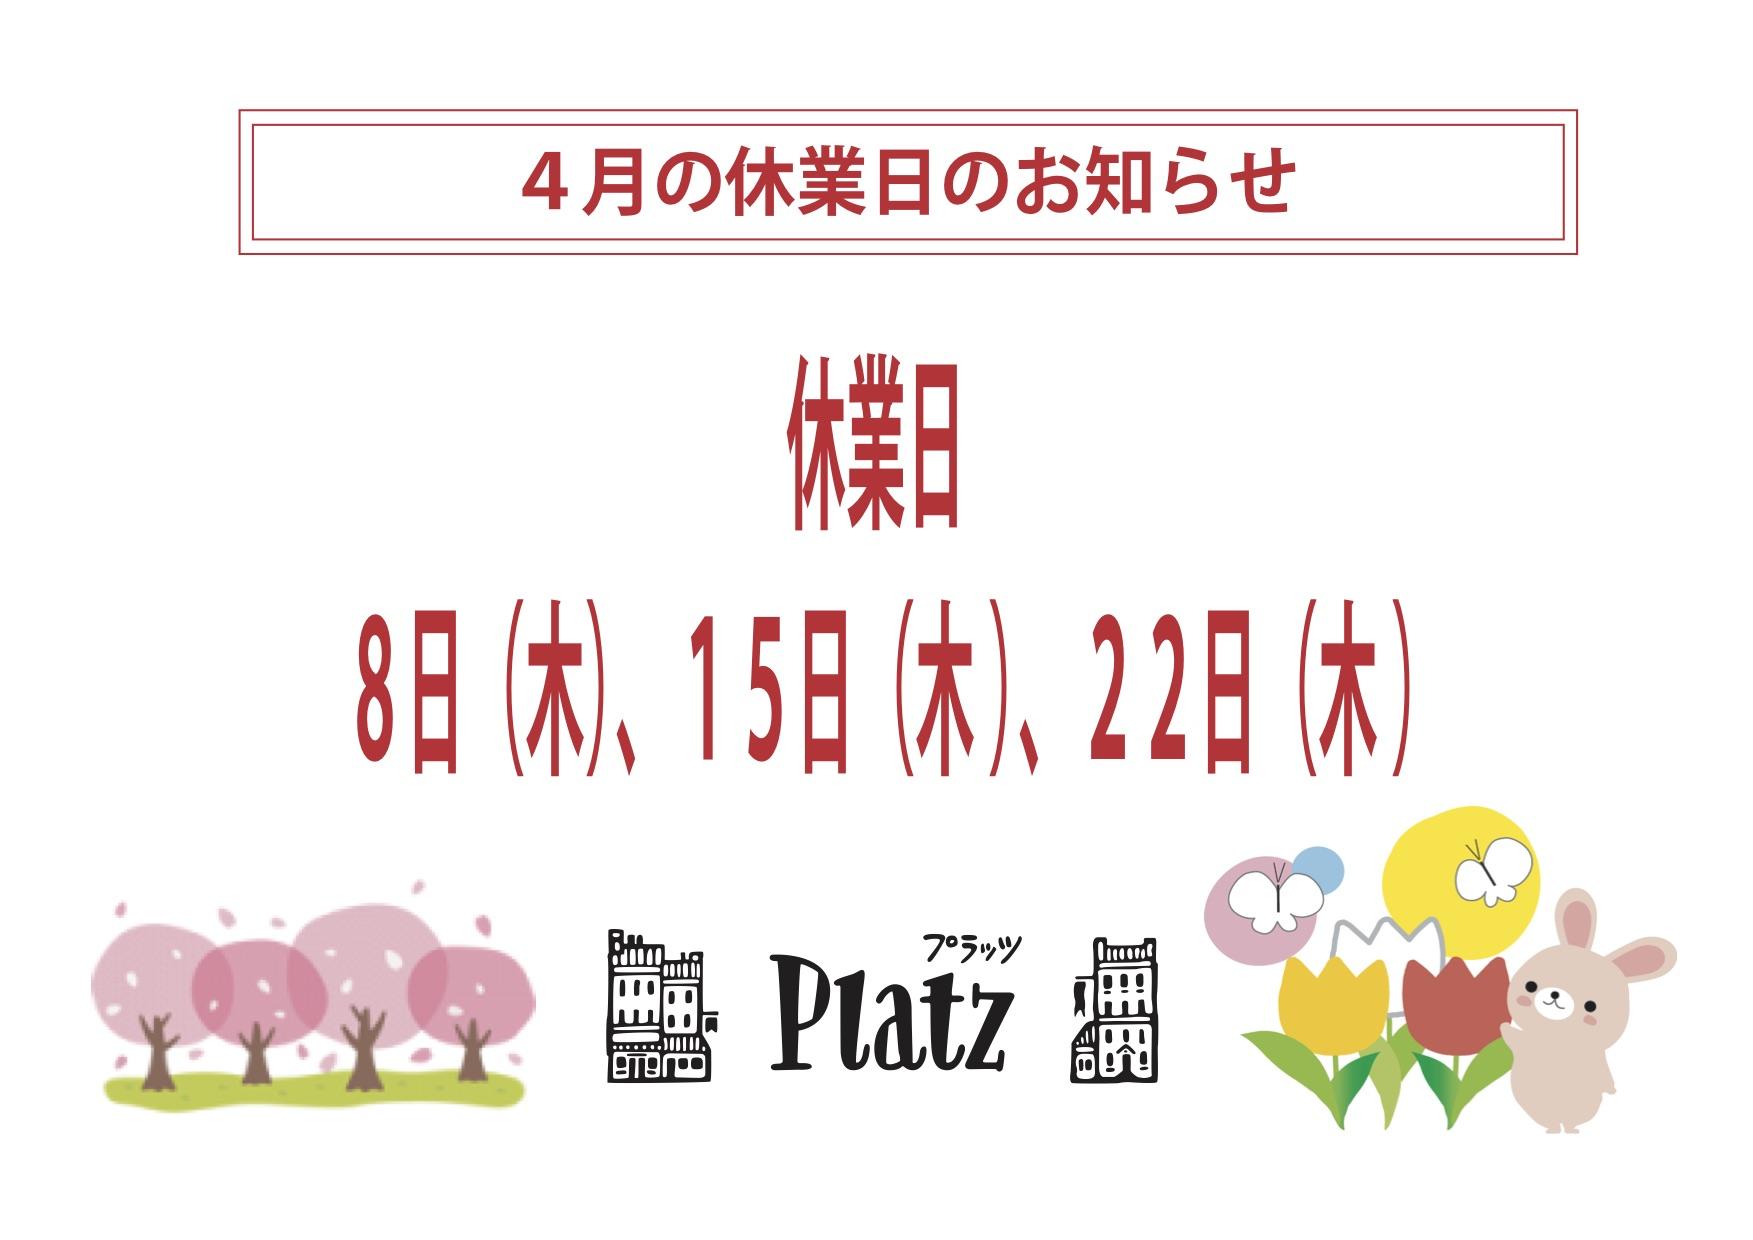 http://www.kyoto-platz.jp/news/images/2021.4%E6%9C%88%E4%BC%91%E6%A5%AD%E6%97%A5.jpg